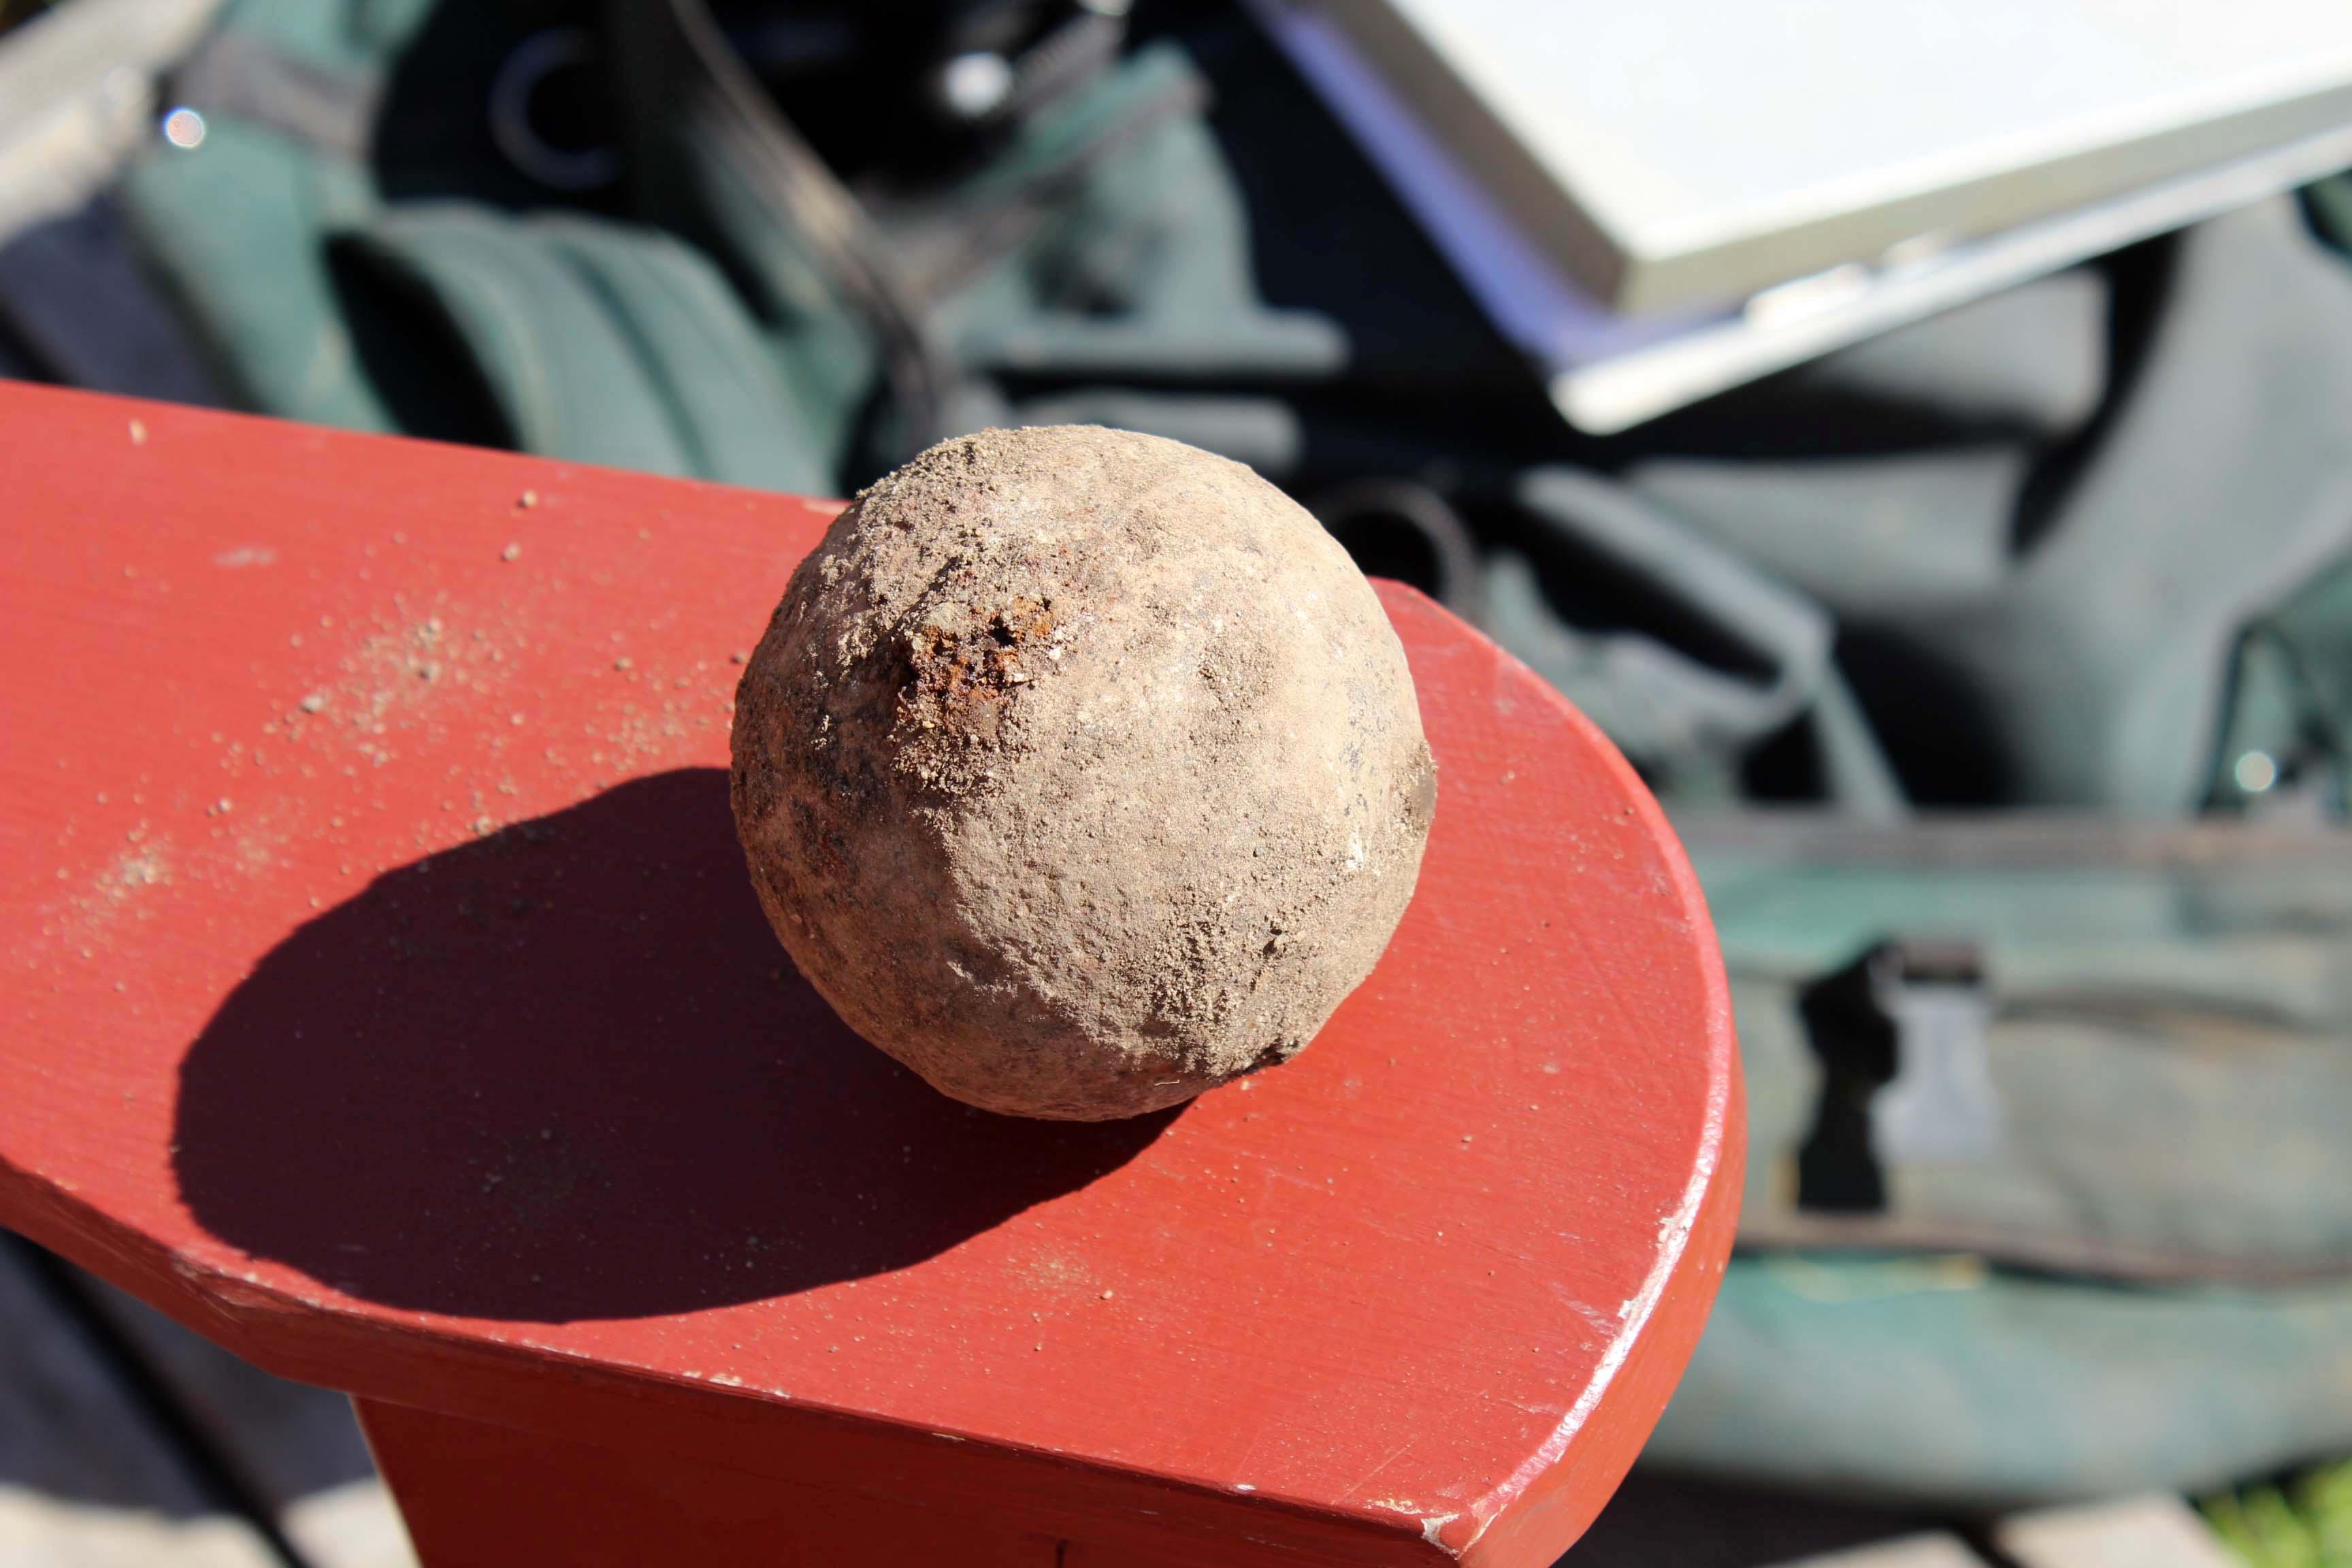 Boulet de canon retrouvé lors des fouilles archéologiques. Crédit photo : Michel Gauthier